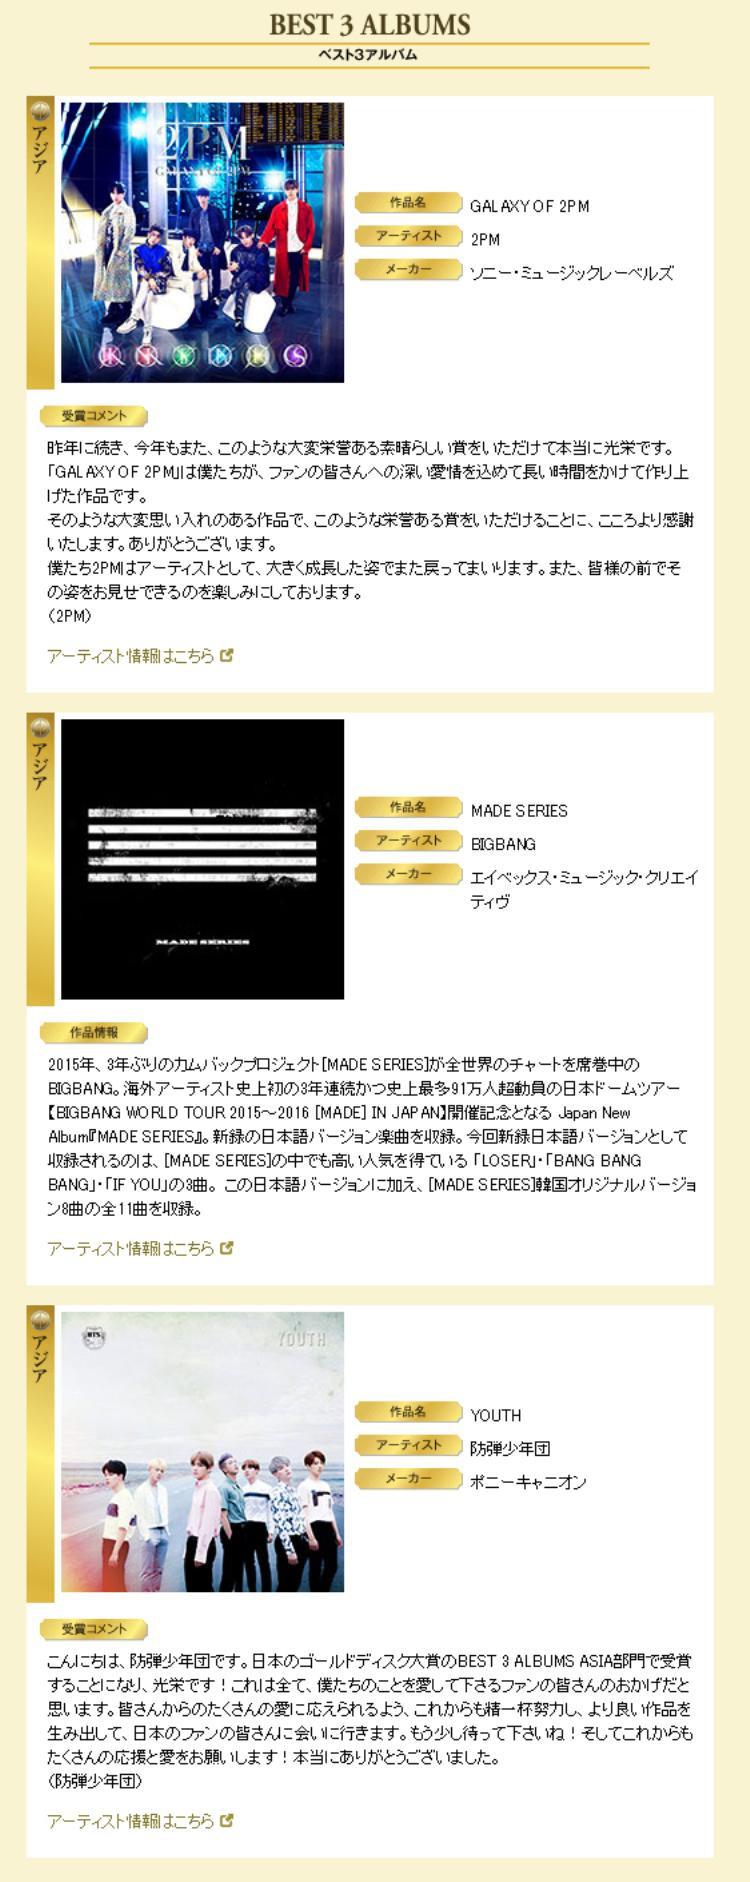 Album Youth - BTS và Galaxy Of 2PM - 2PM đồng nhận giải Album xuất sắc nhất.